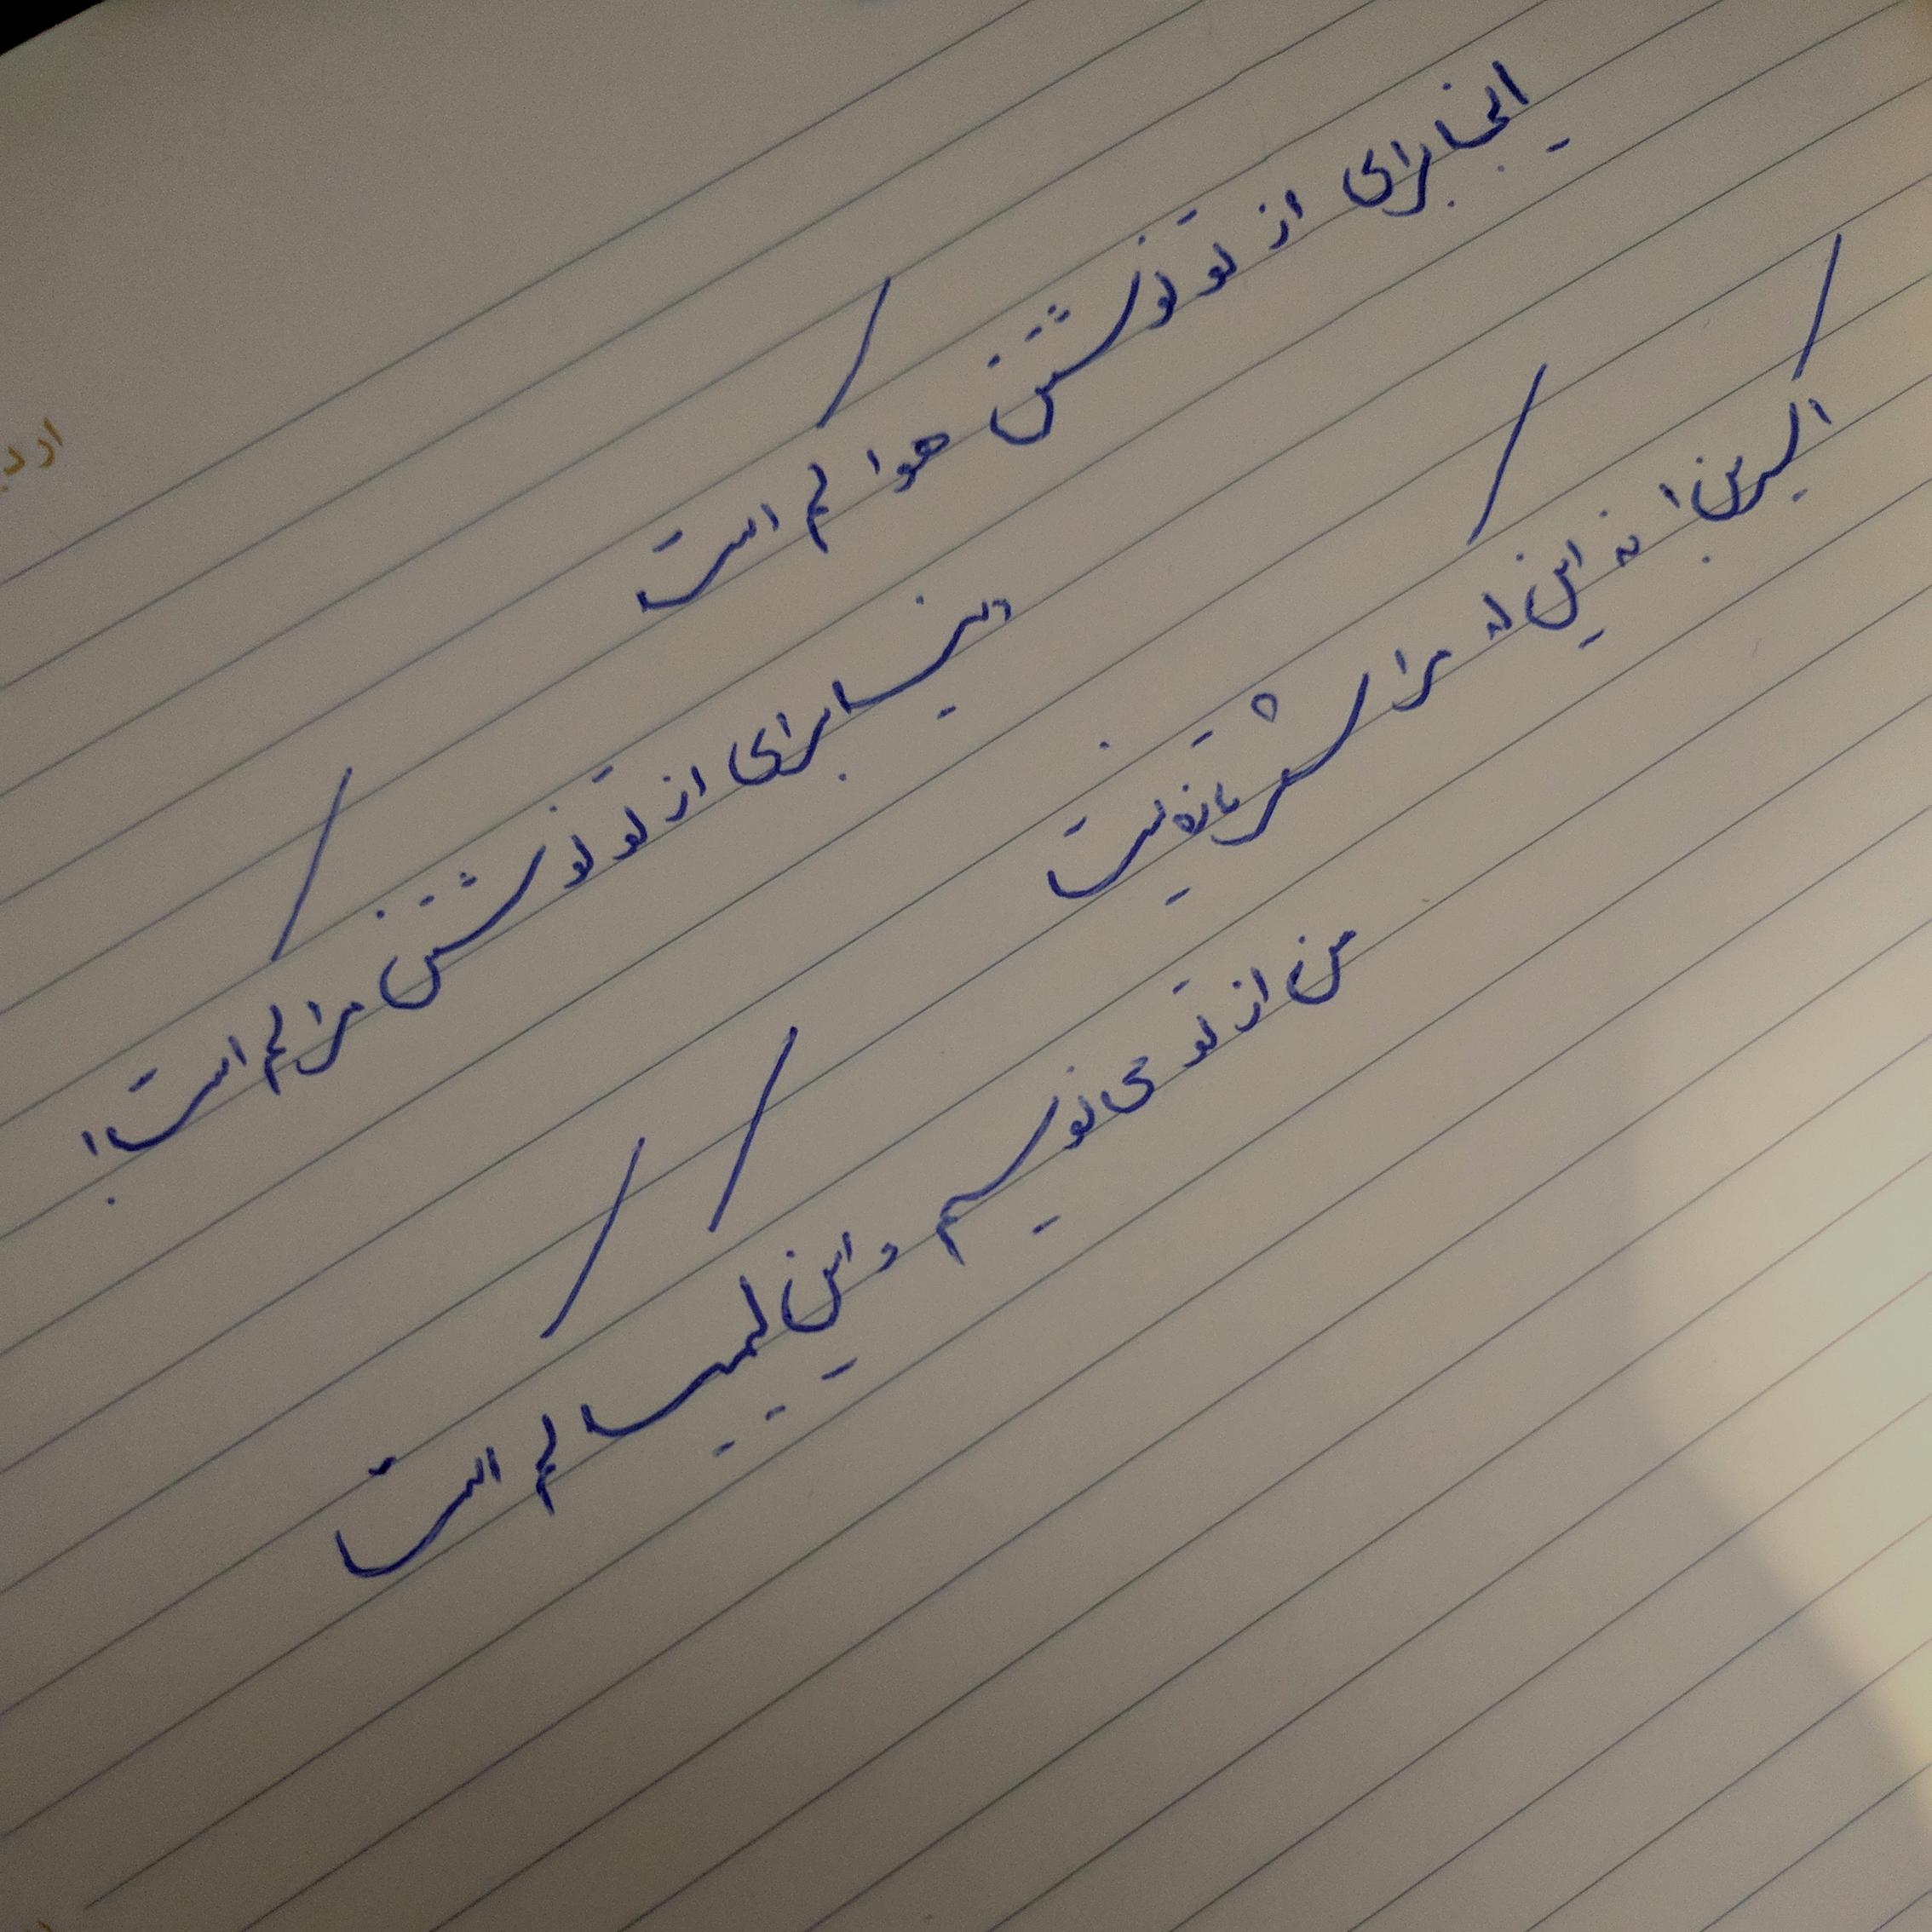 مینویسم چون...